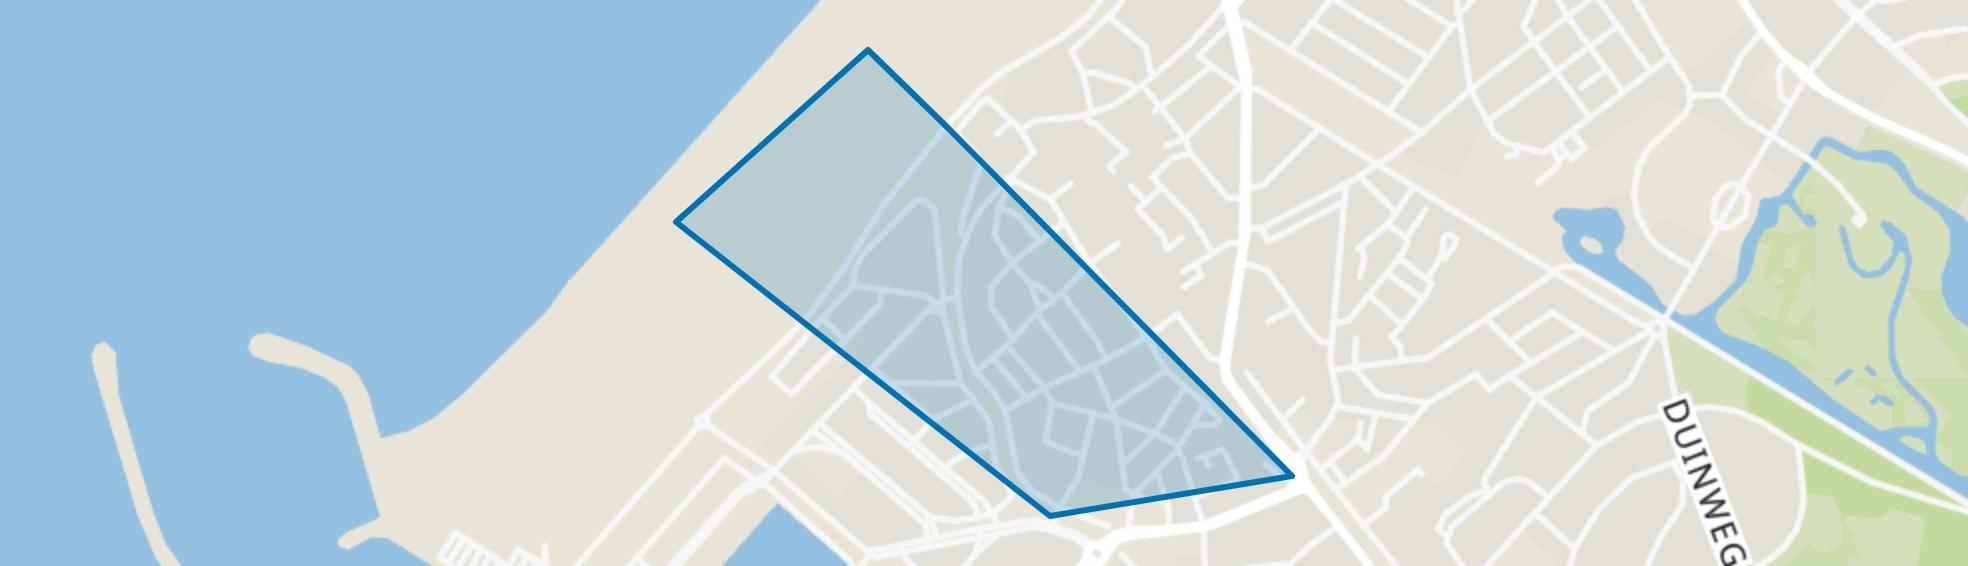 Oud Scheveningen, Den Haag map